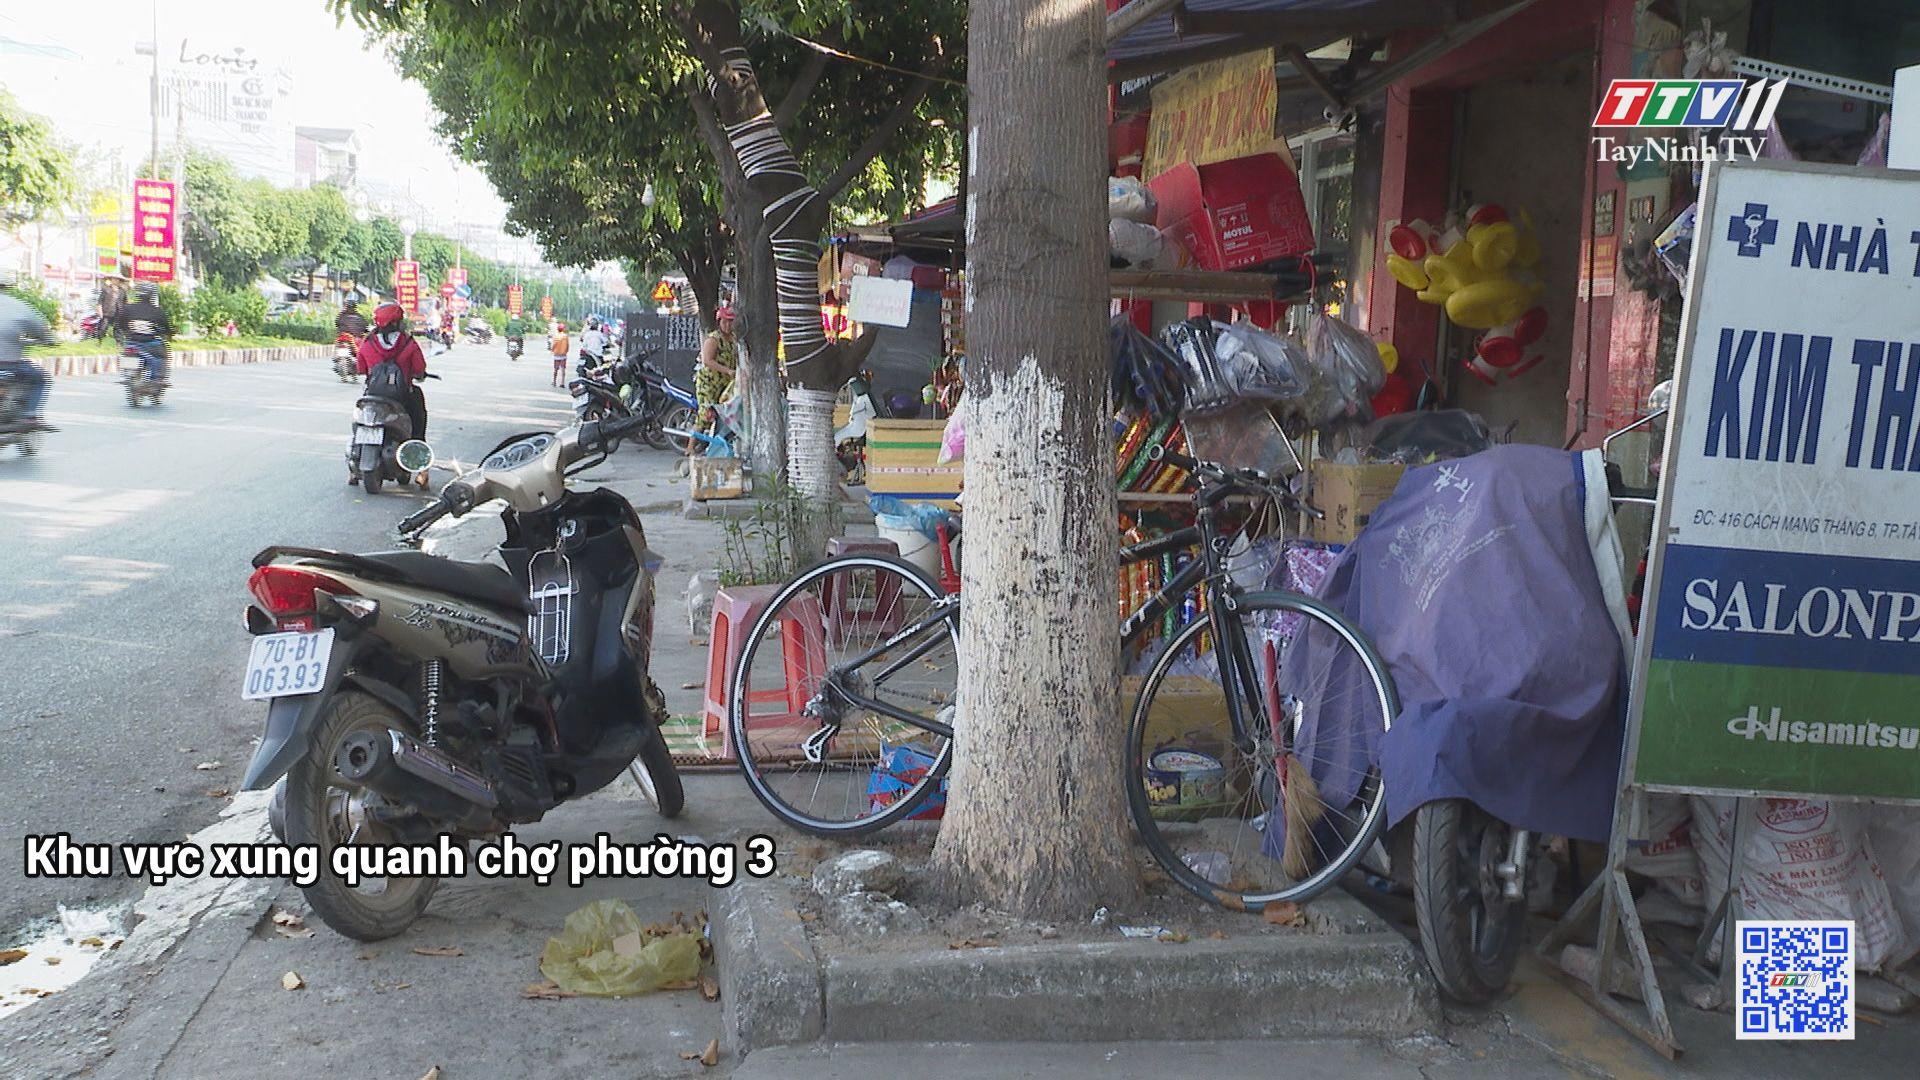 Đường phố Tây Ninh: buổi sáng dẹp gọn buổi chiều tái chiếm | TIẾNG NÓI CỬ TRI | TayNinhTV